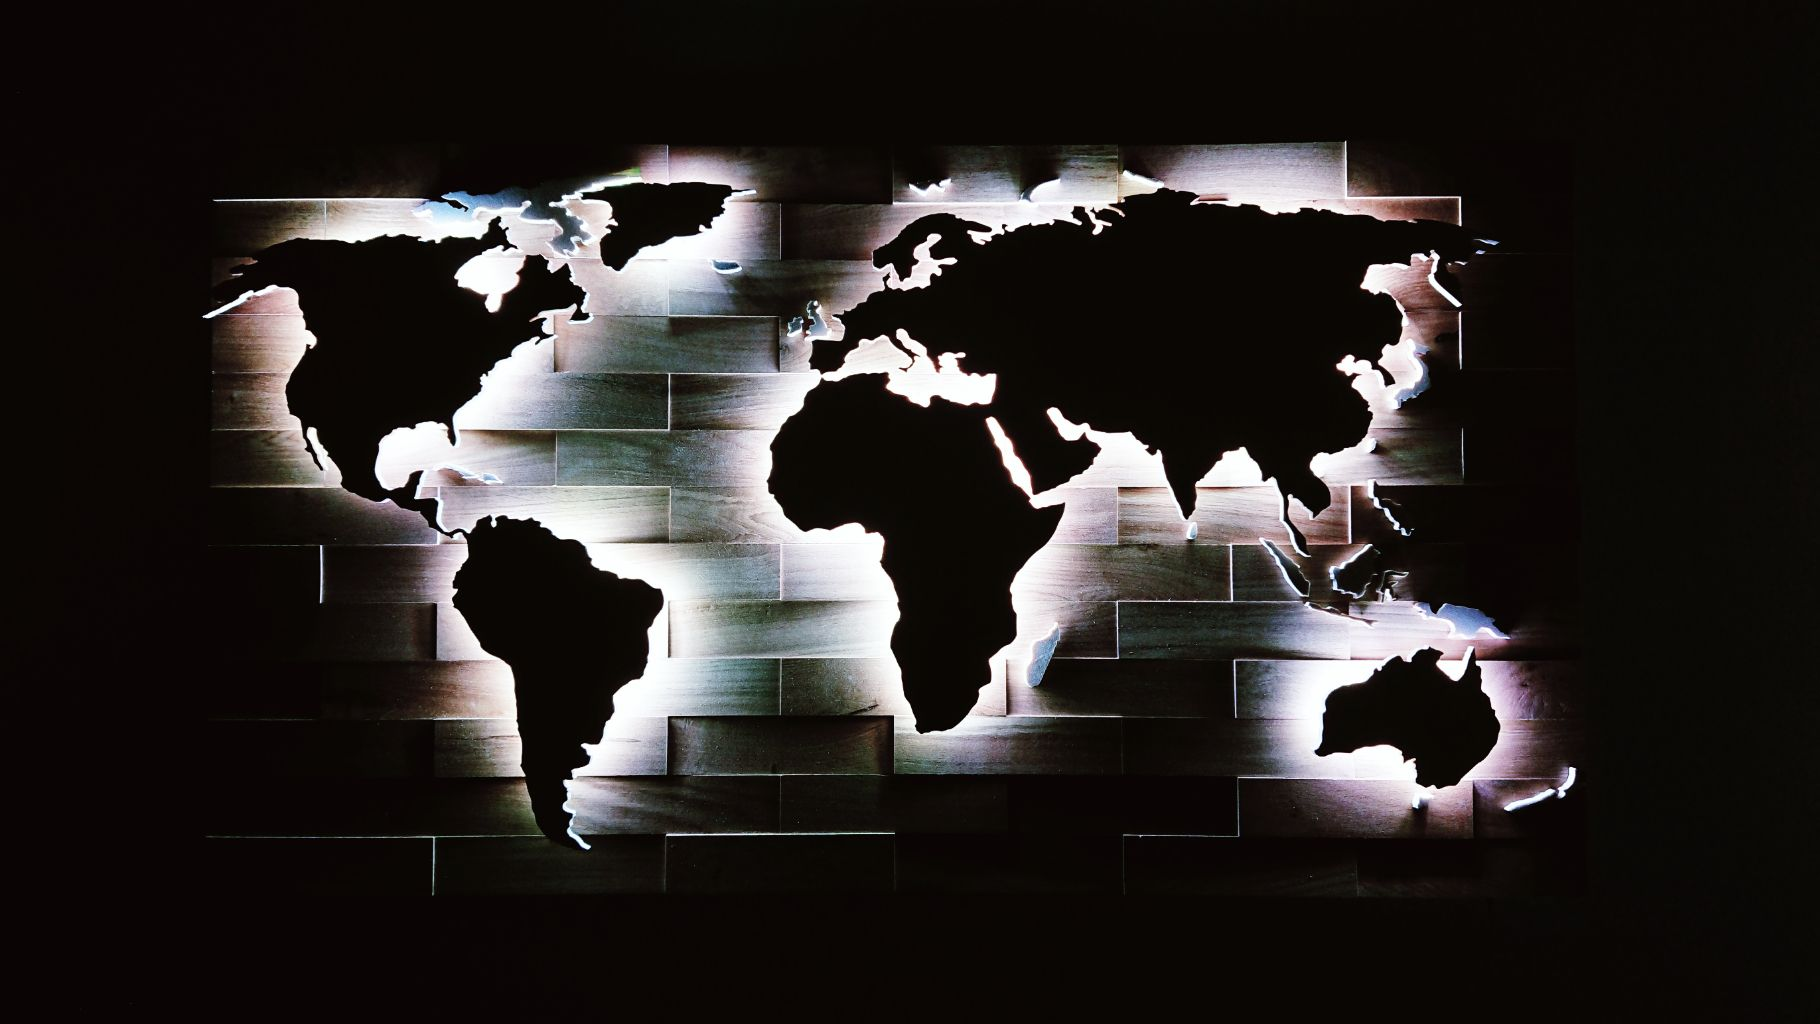 Weltkarte Aus Holz Mit Landergrenzen Led Beleuchtung Nacht Weltkarte Aus Holz Weltkarte Led Beleuchtung